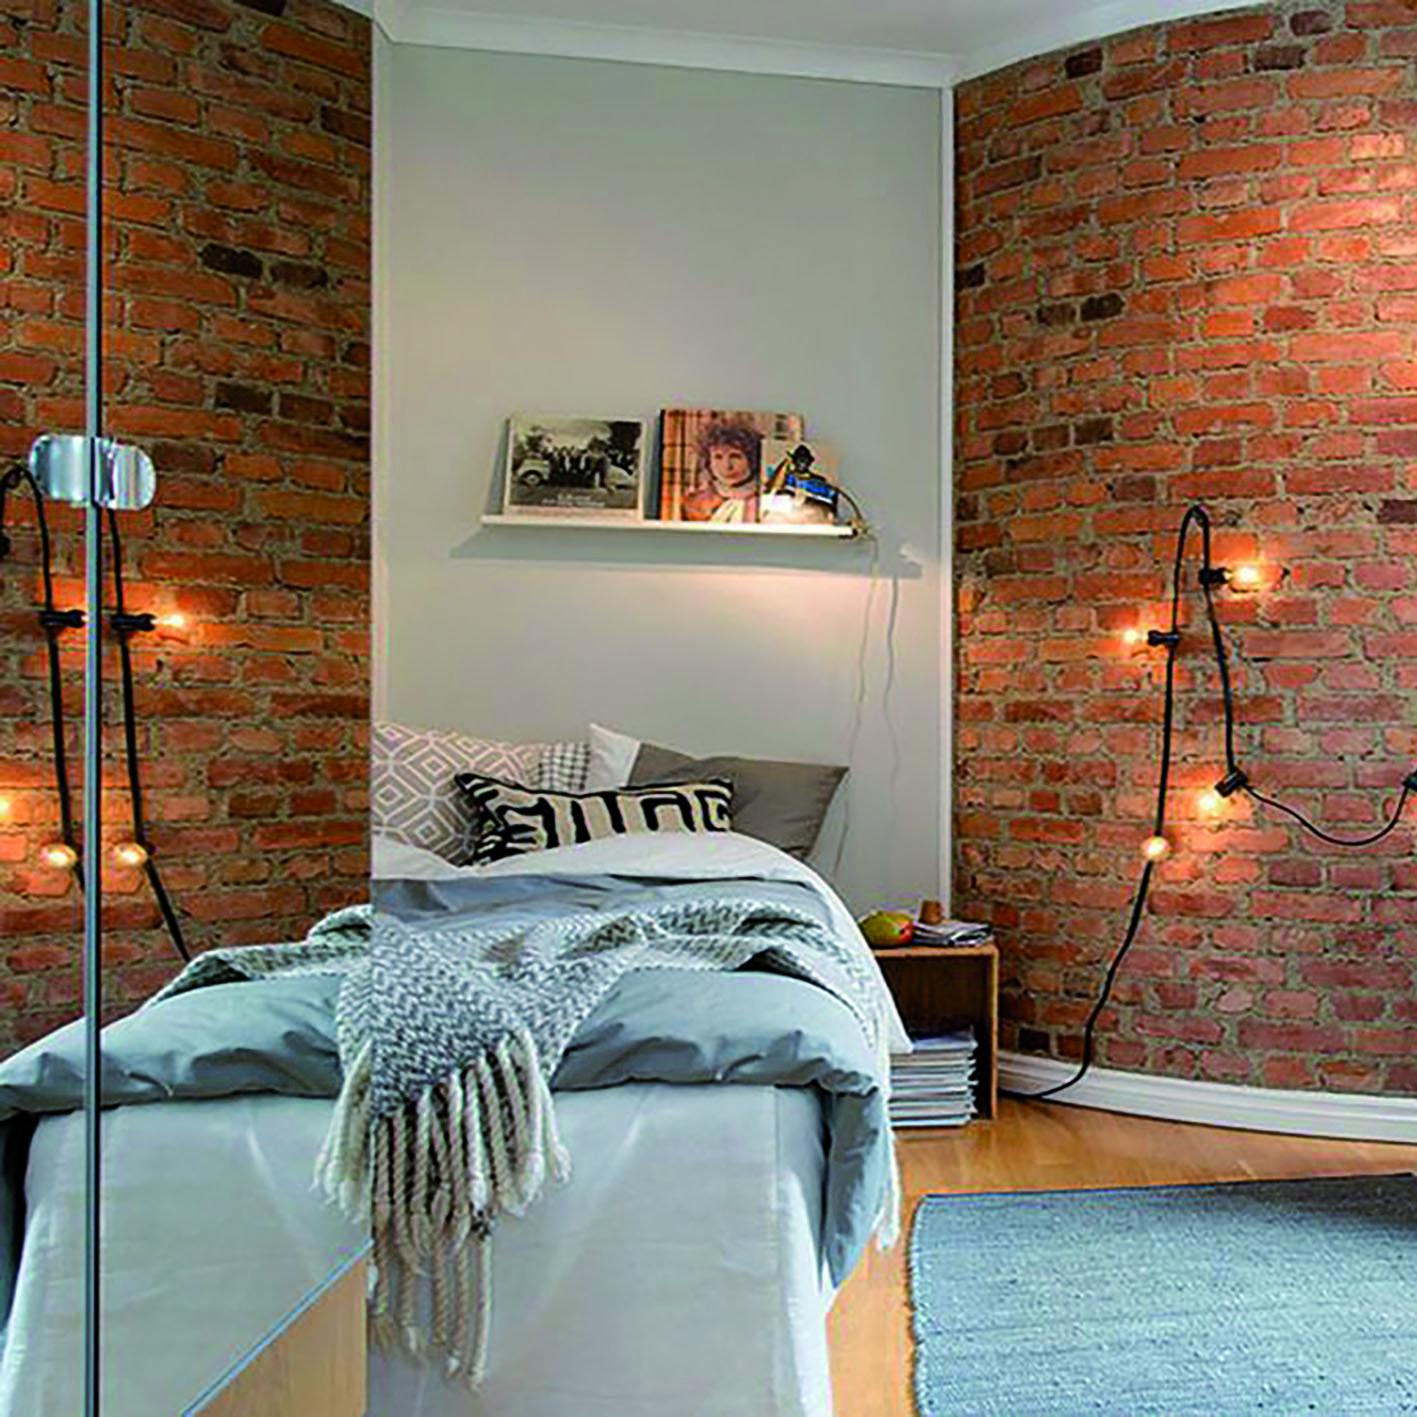 Pannelli Decorativi Per Camerette carta da parati per camere da letto, ecco quale scegliere